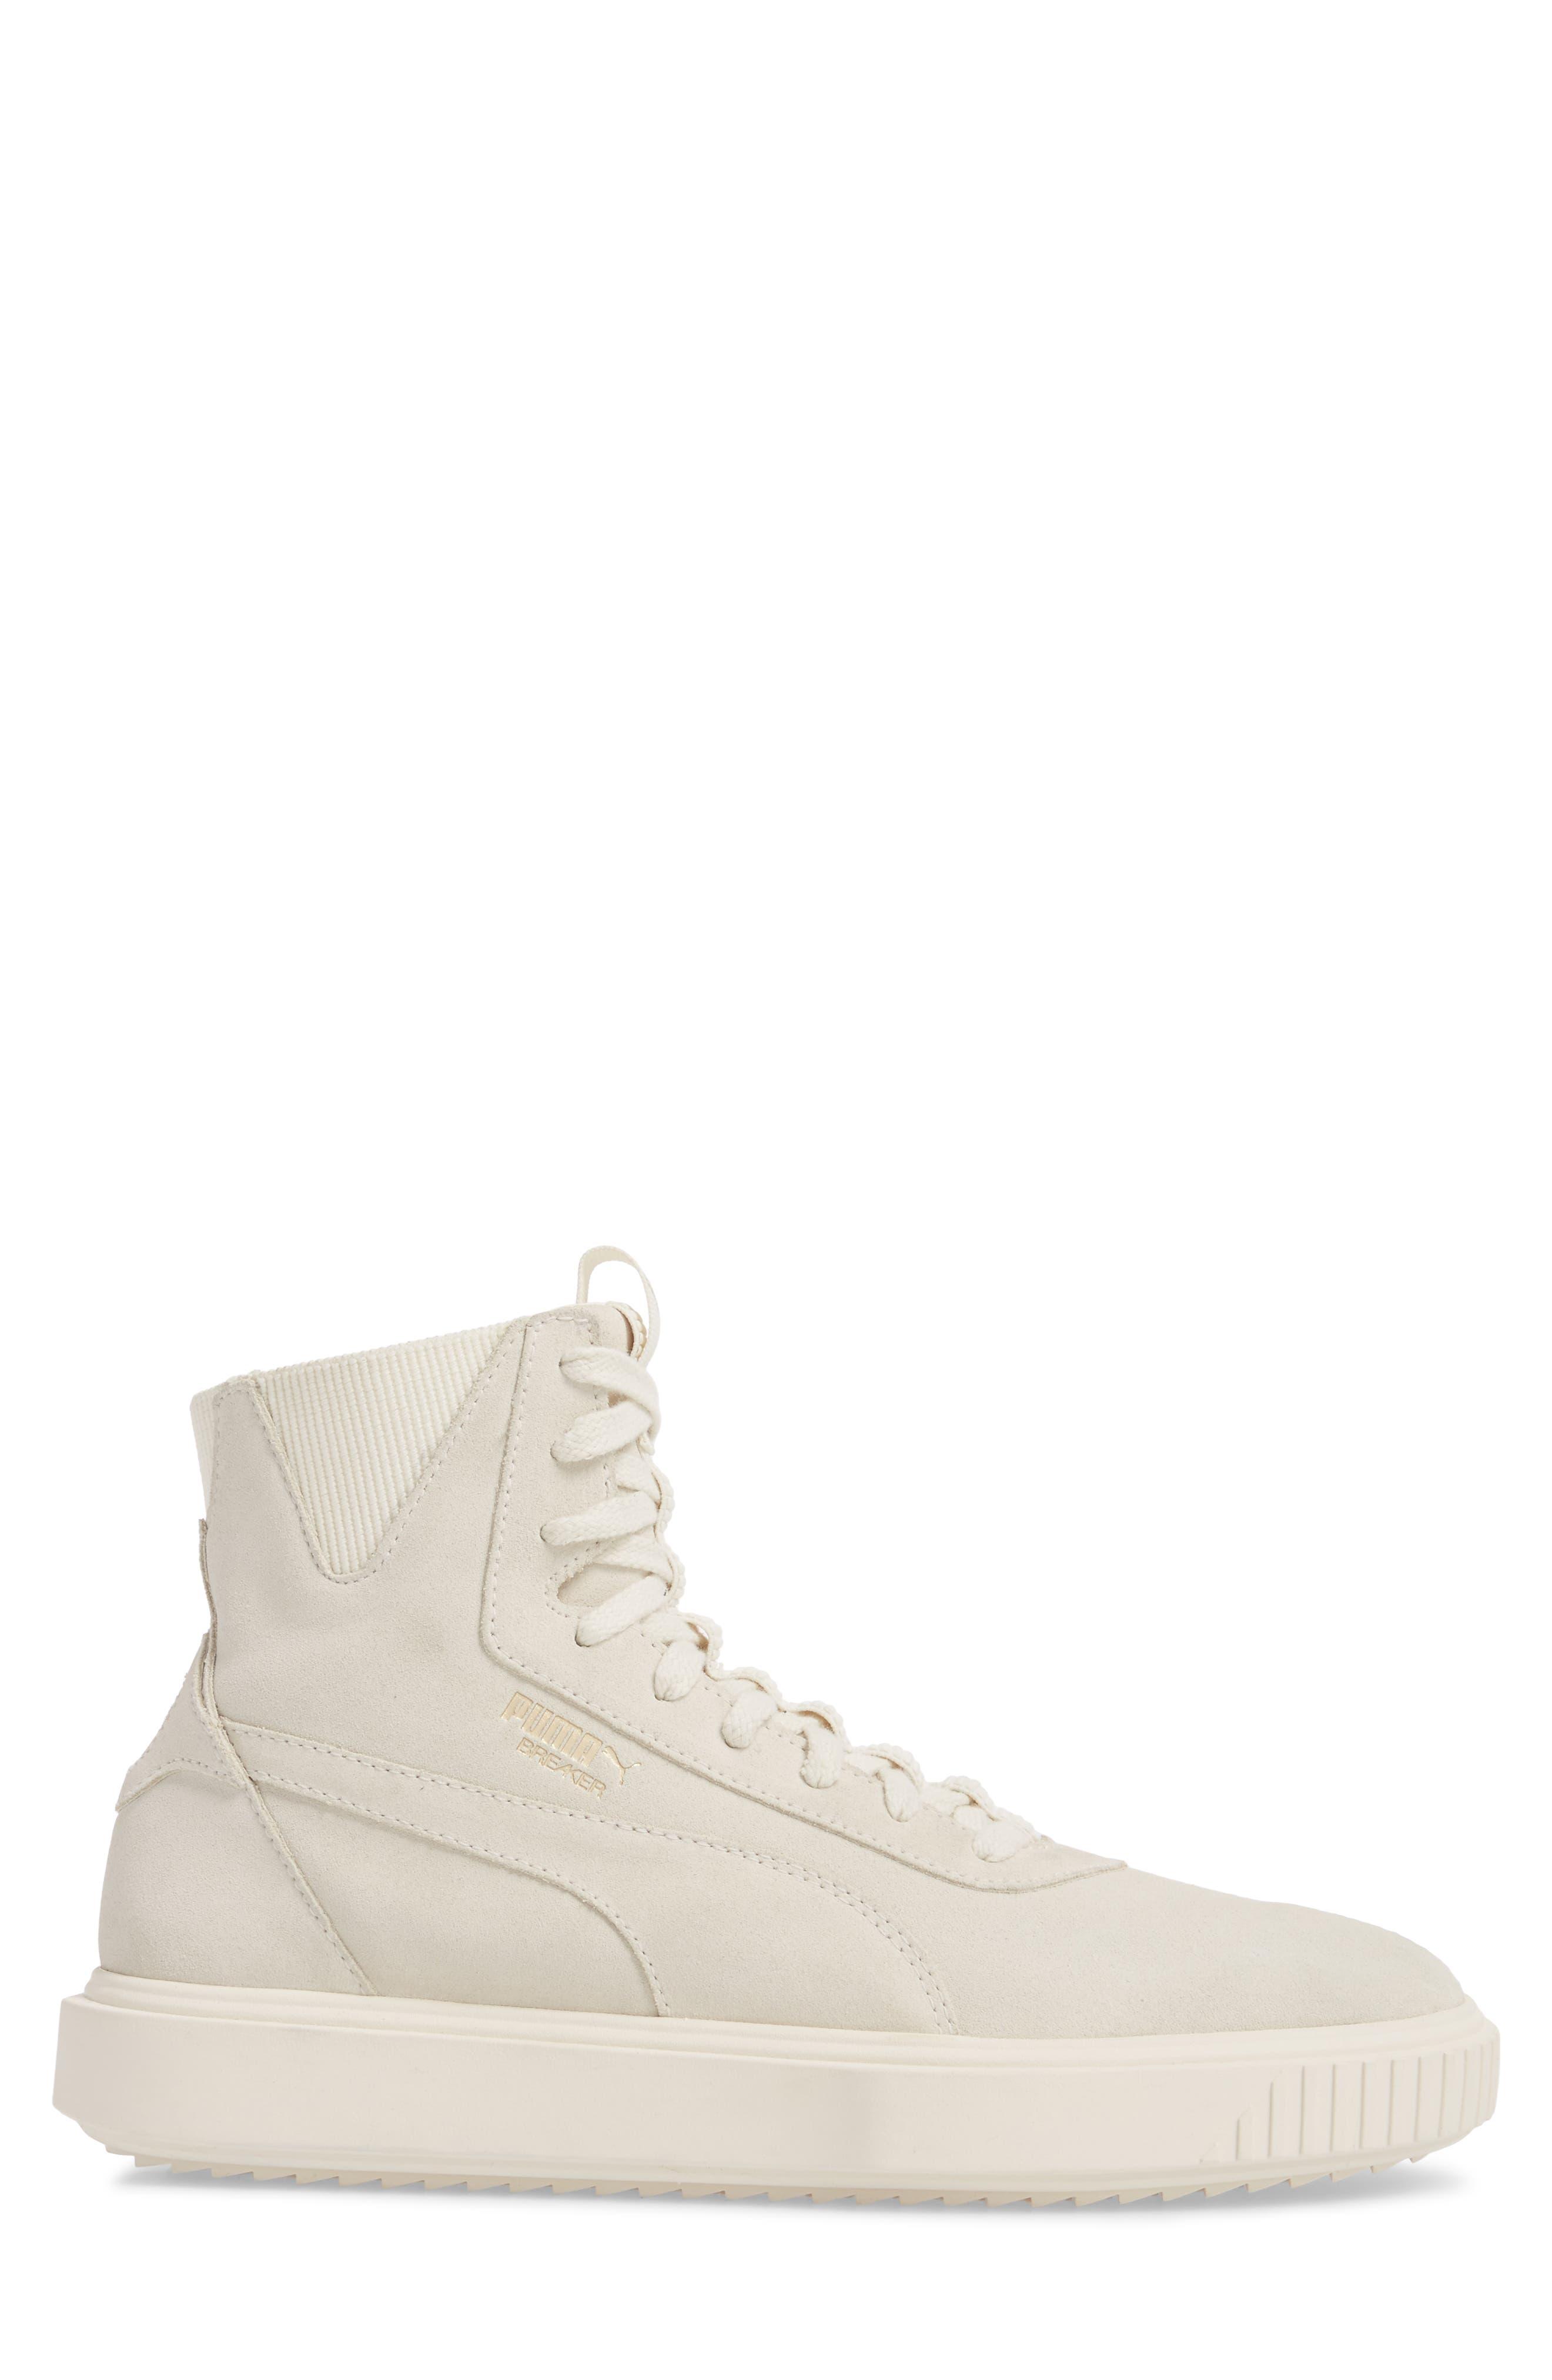 Breaker High Top Sneaker,                             Alternate thumbnail 3, color,                             WHITE